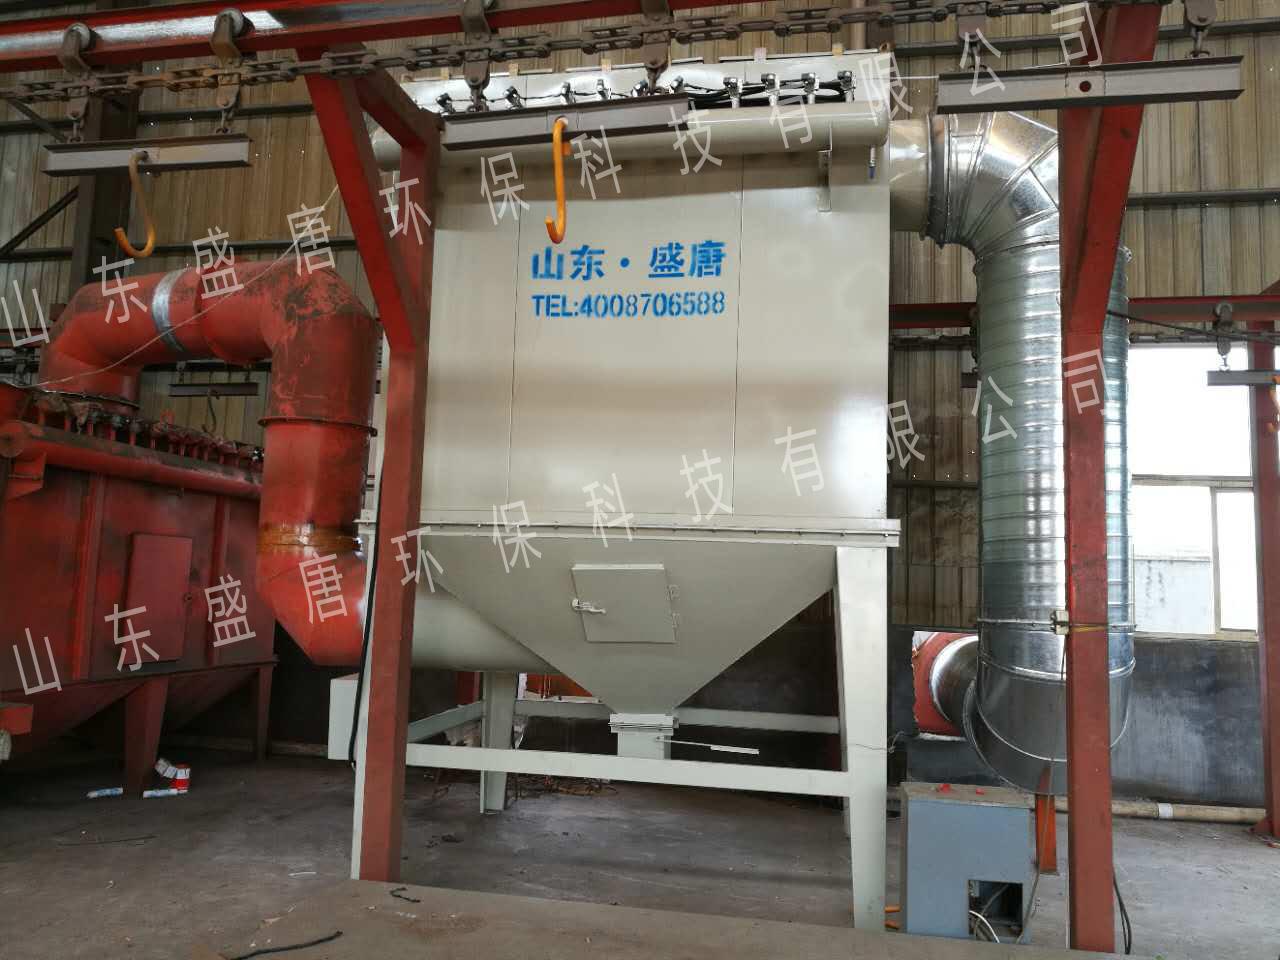 济南章丘某公司铸造除尘废气处理工程案例